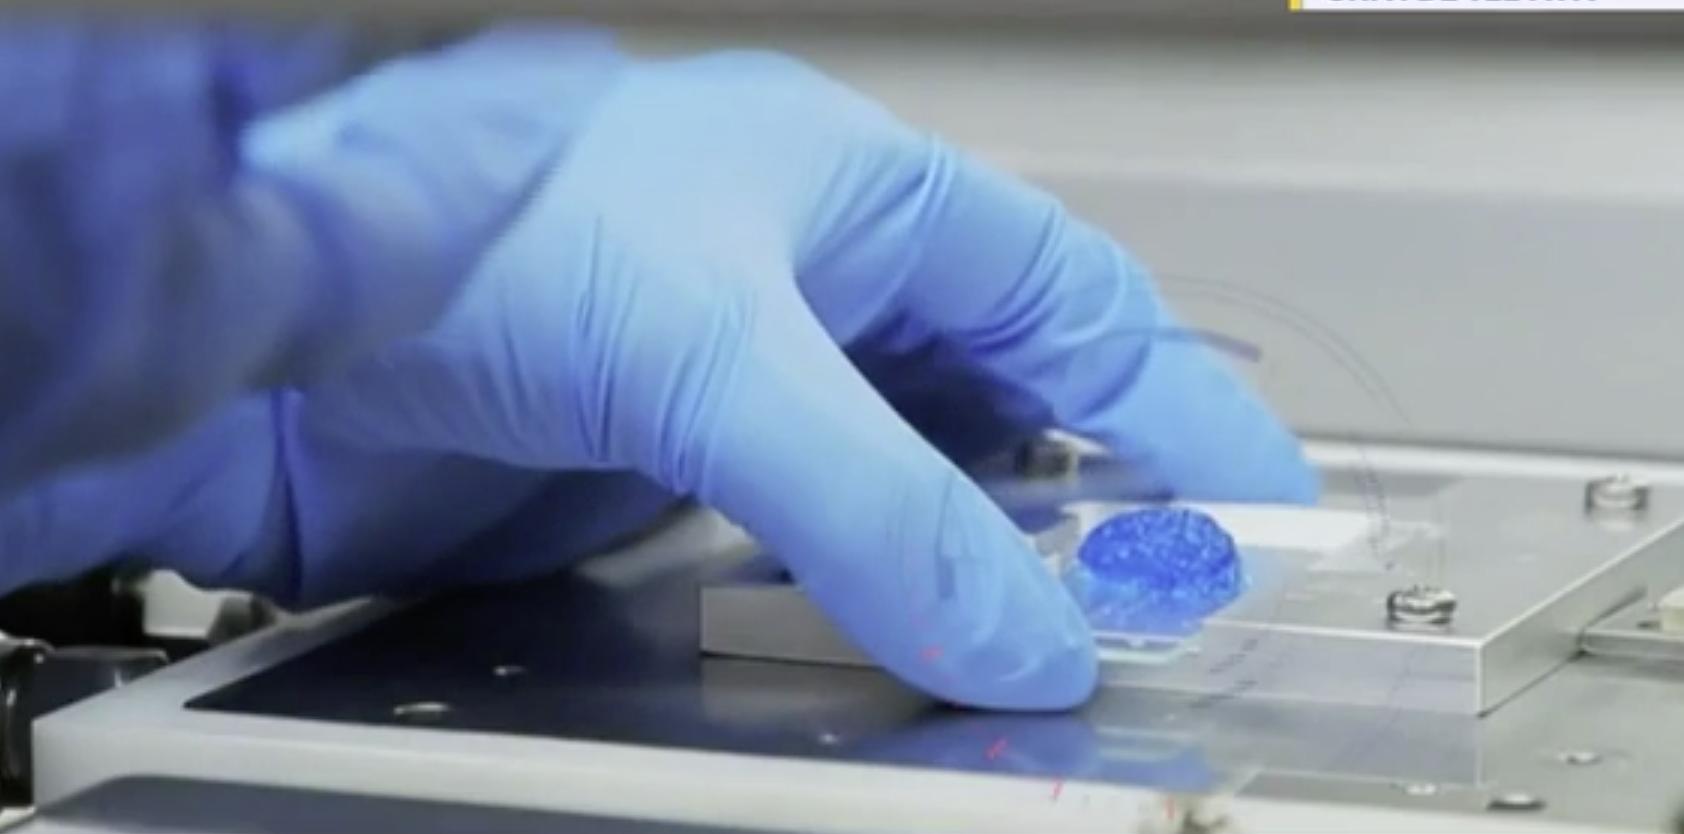 Impression 3D pour lutter contre le cancer